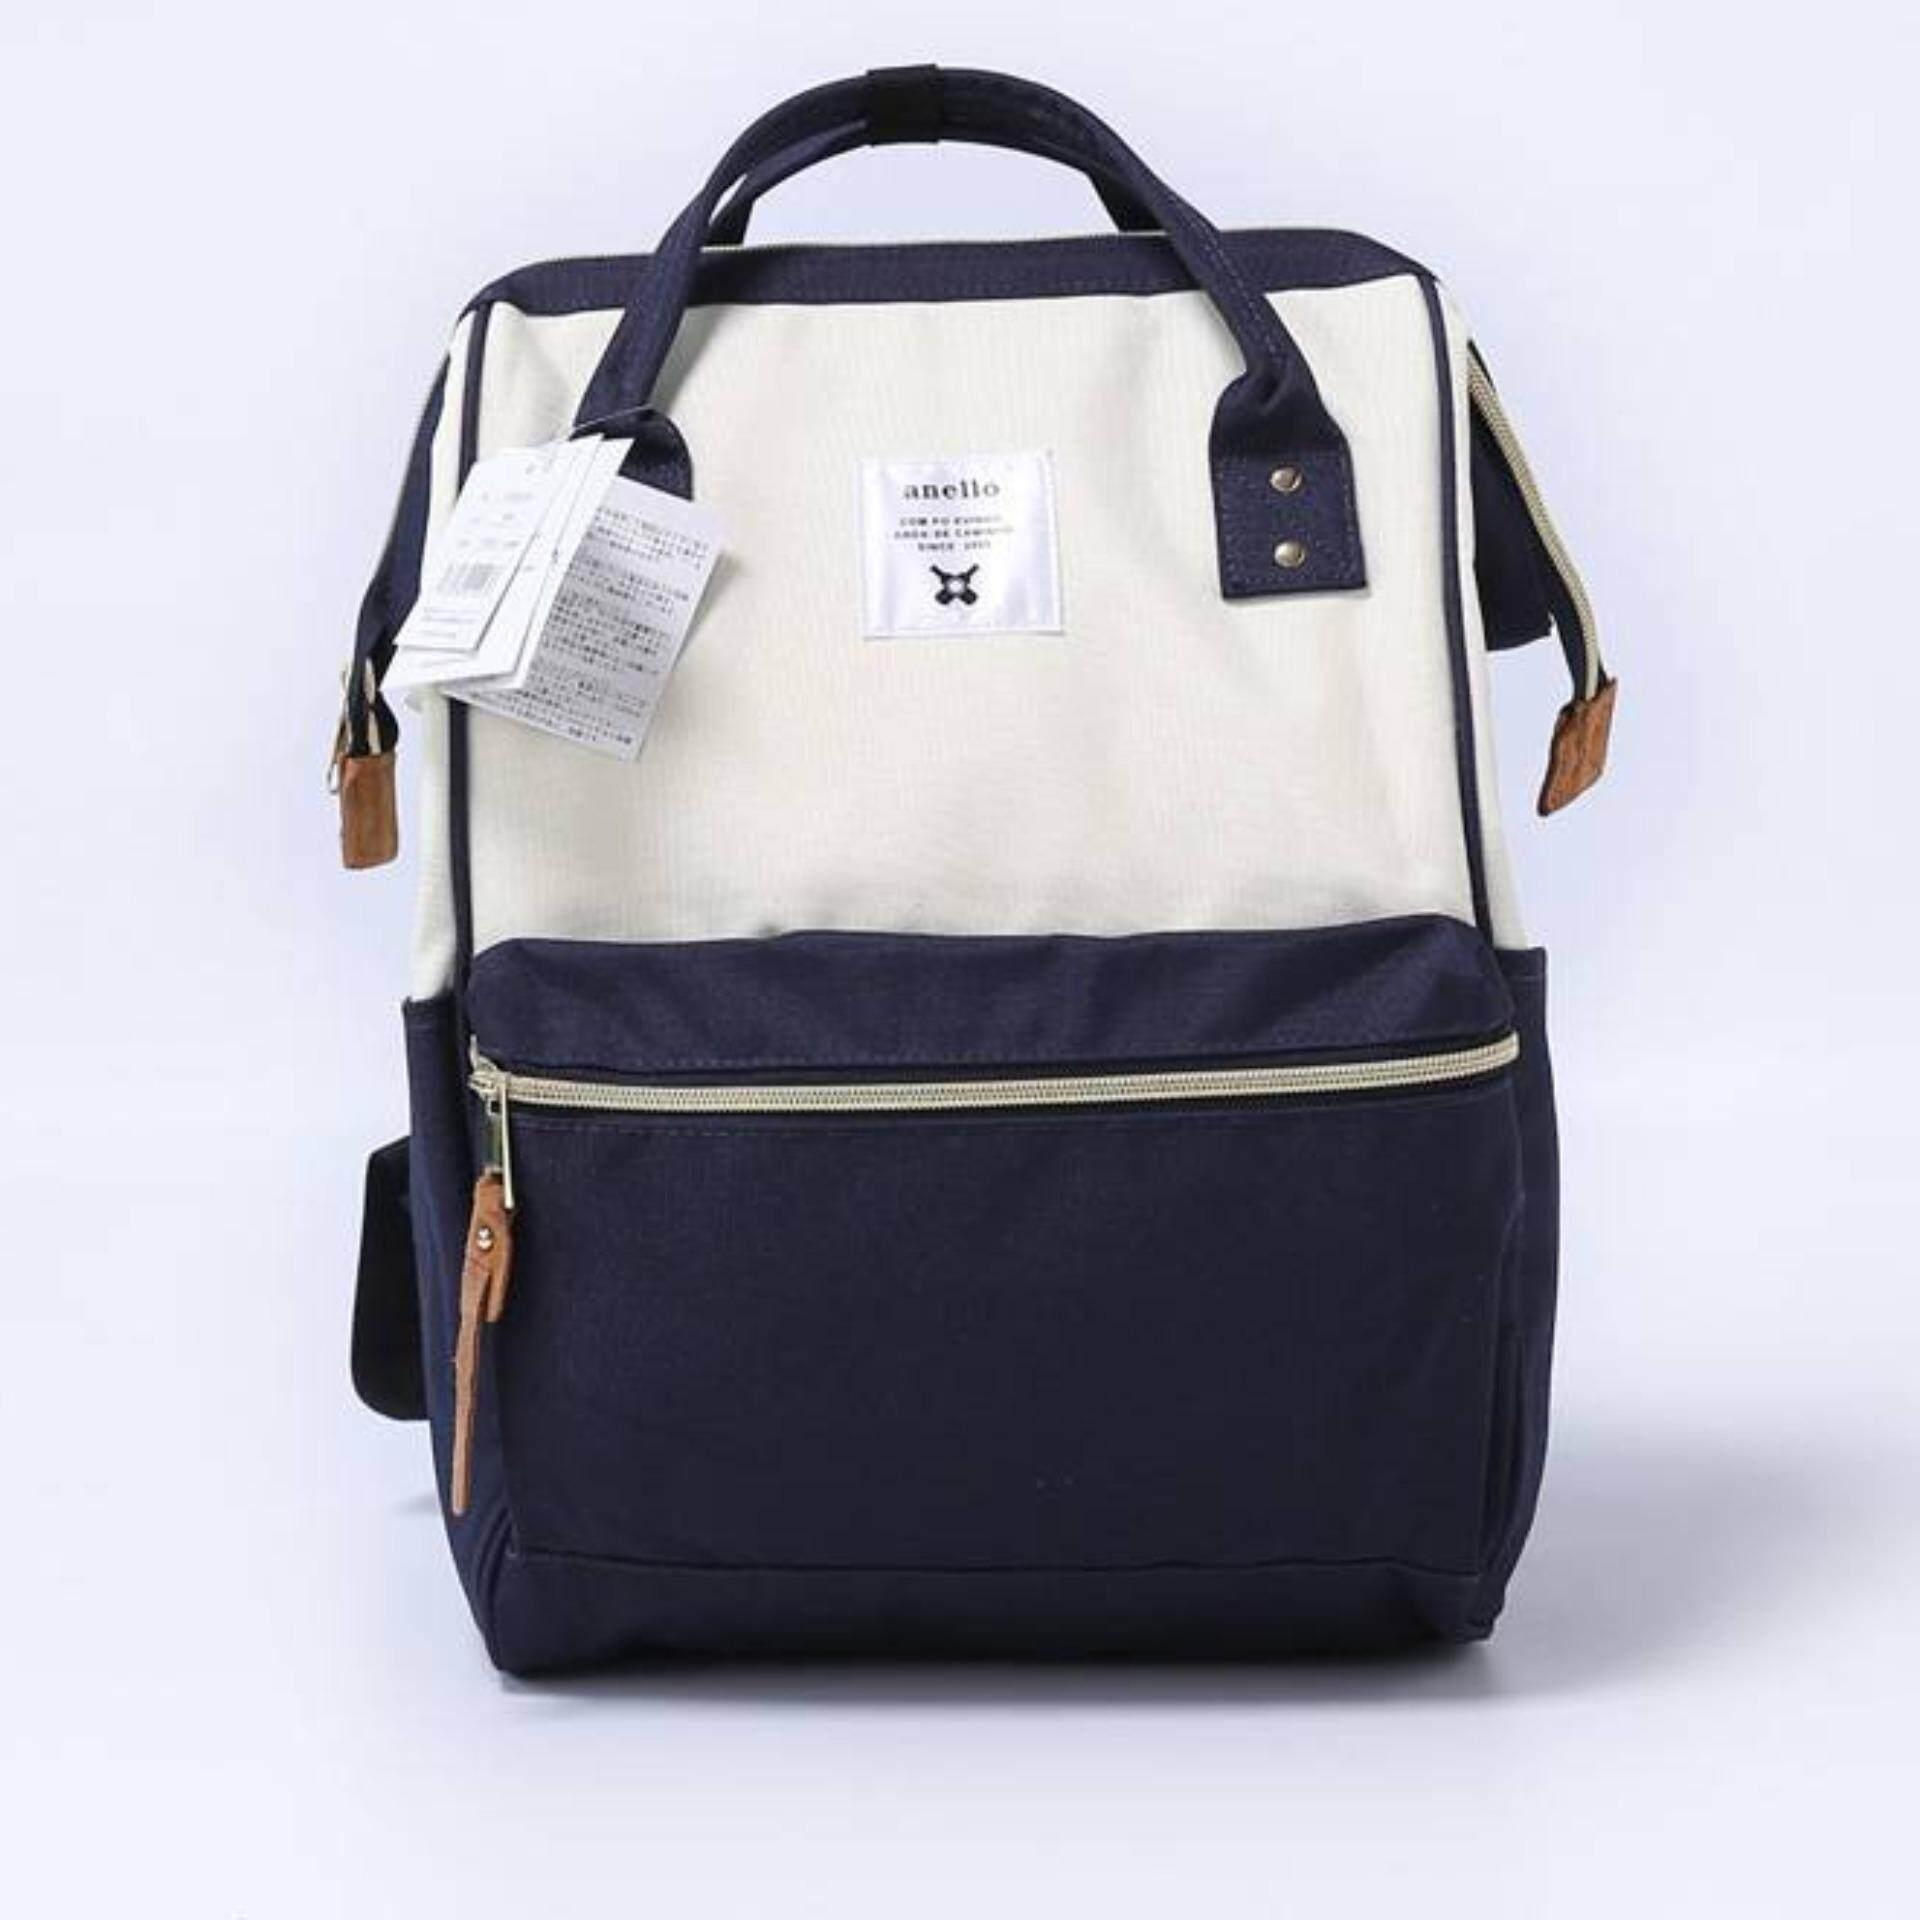 บัตรเครดิต ธนชาต  แพร่ Anello Regular Backpack กรม-ขาว